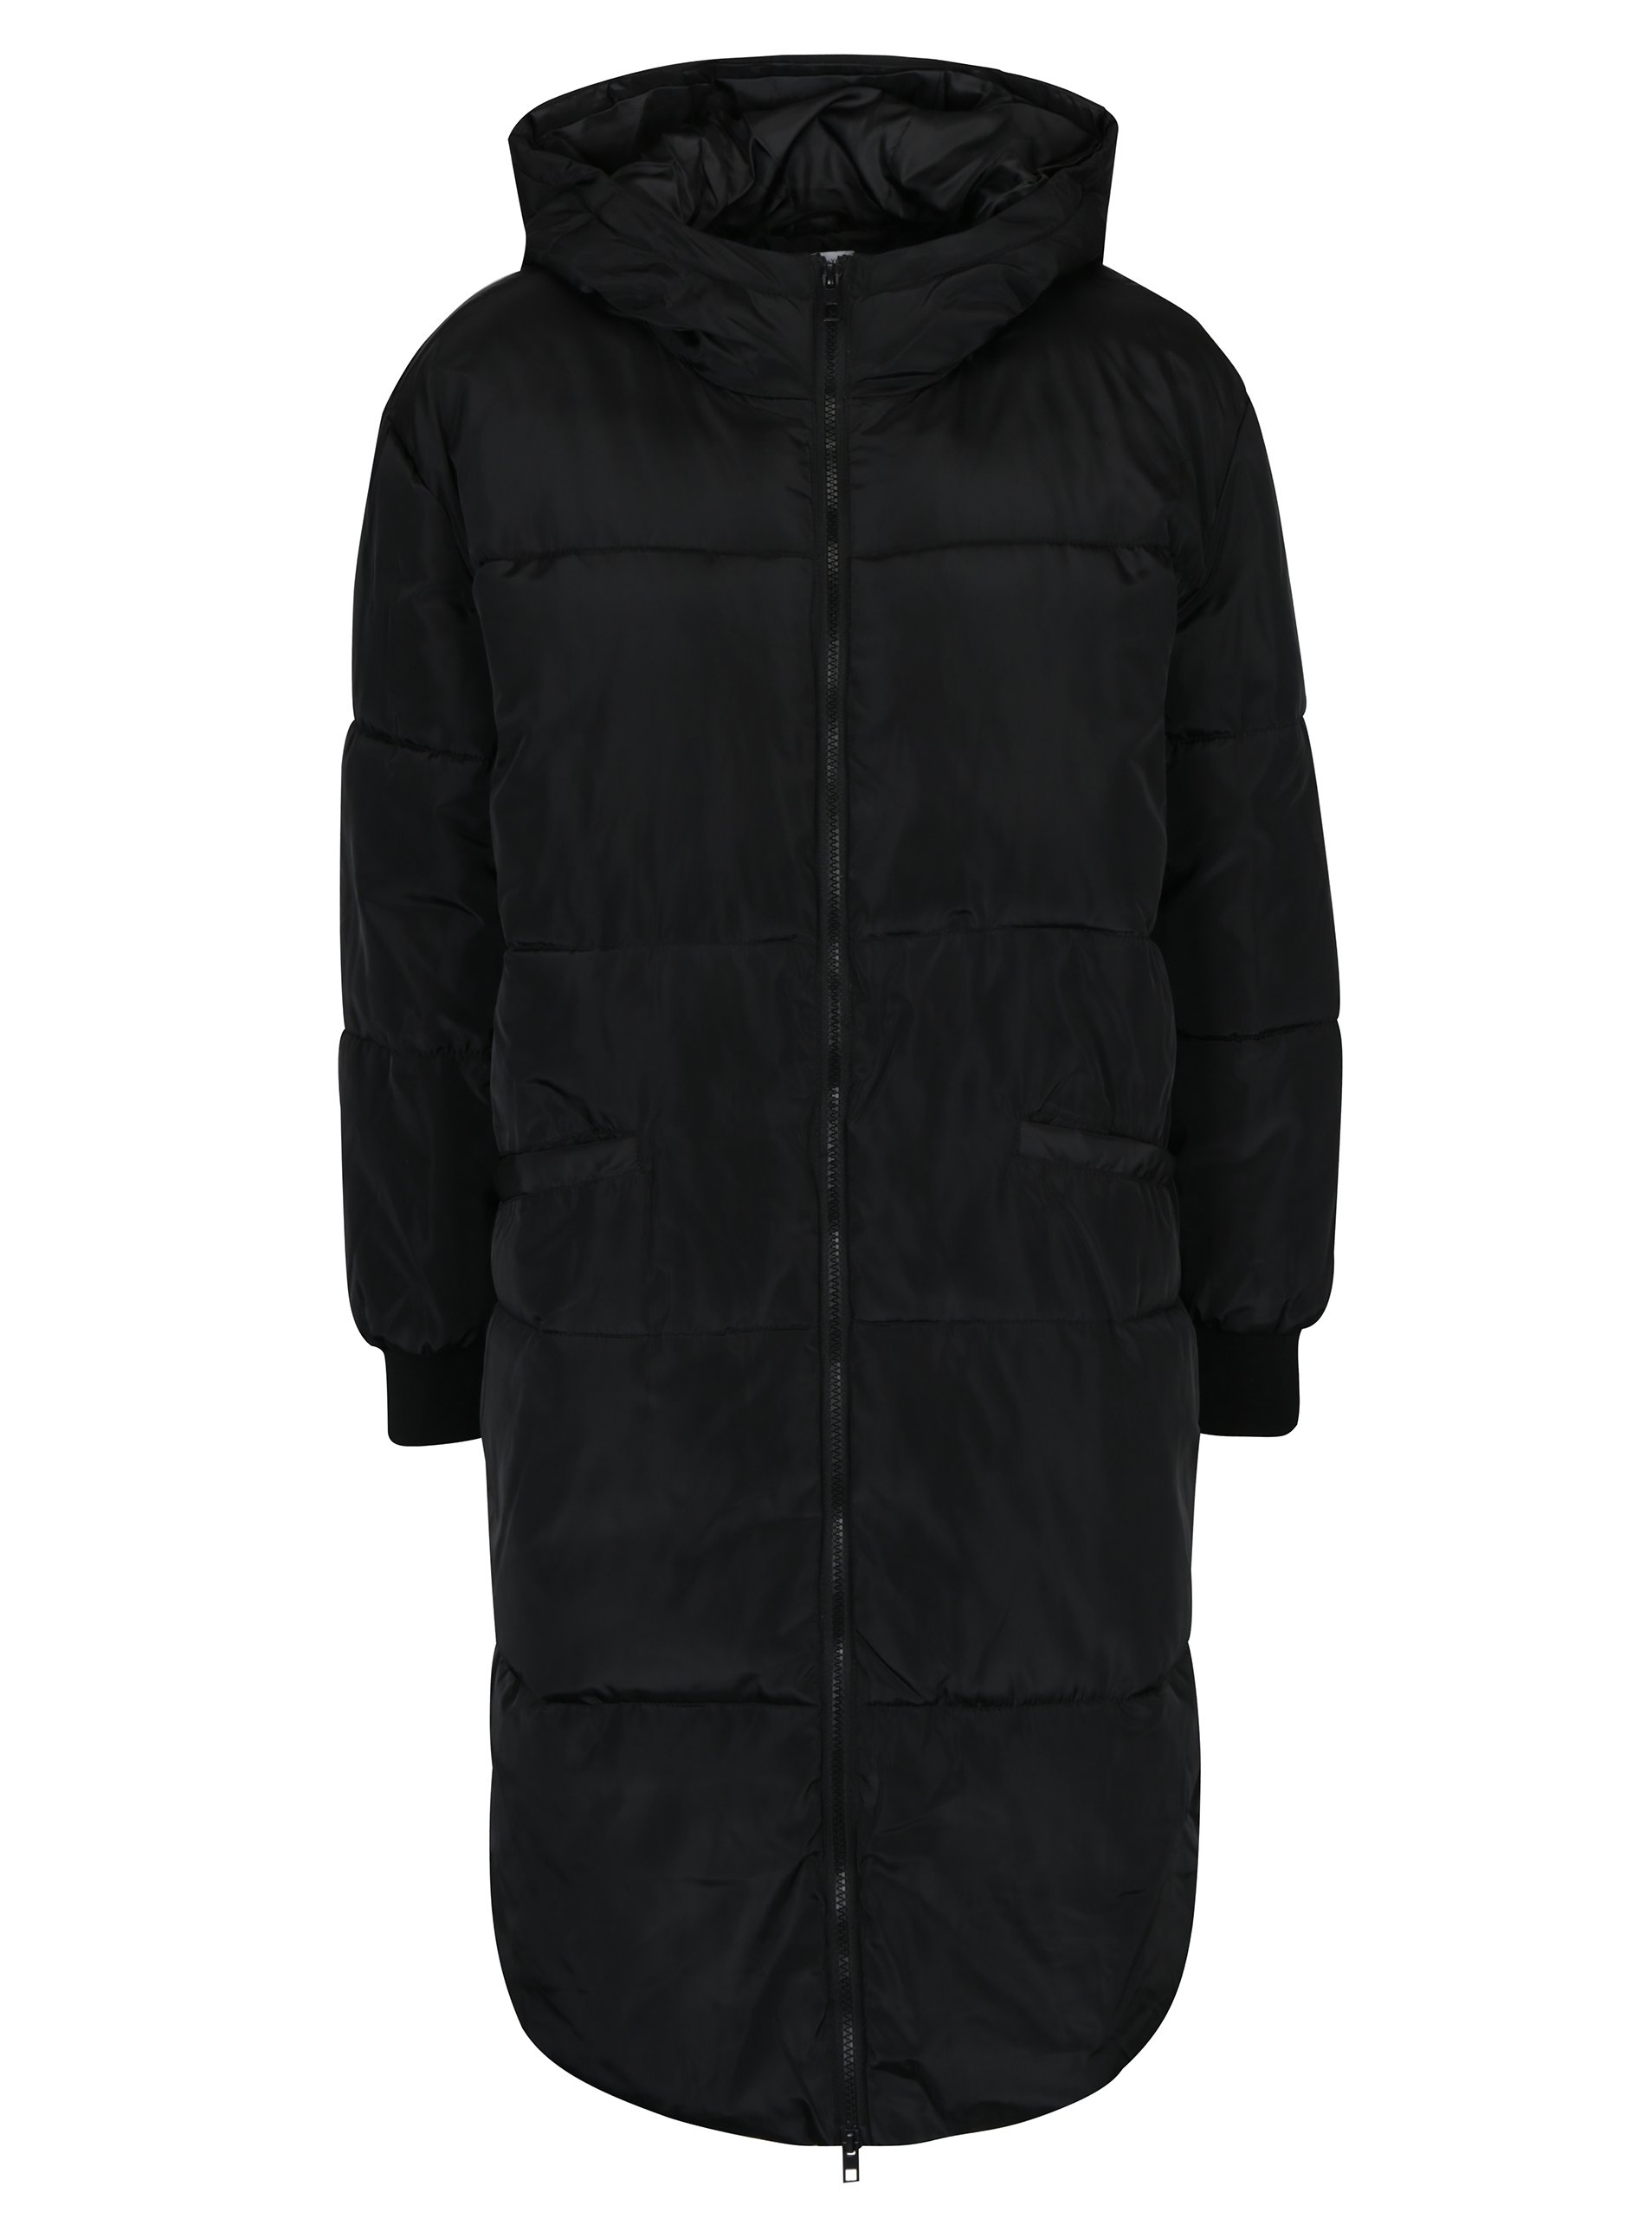 Černý prošívaný kabát s kapucí Jacqueline de Yong Rocca